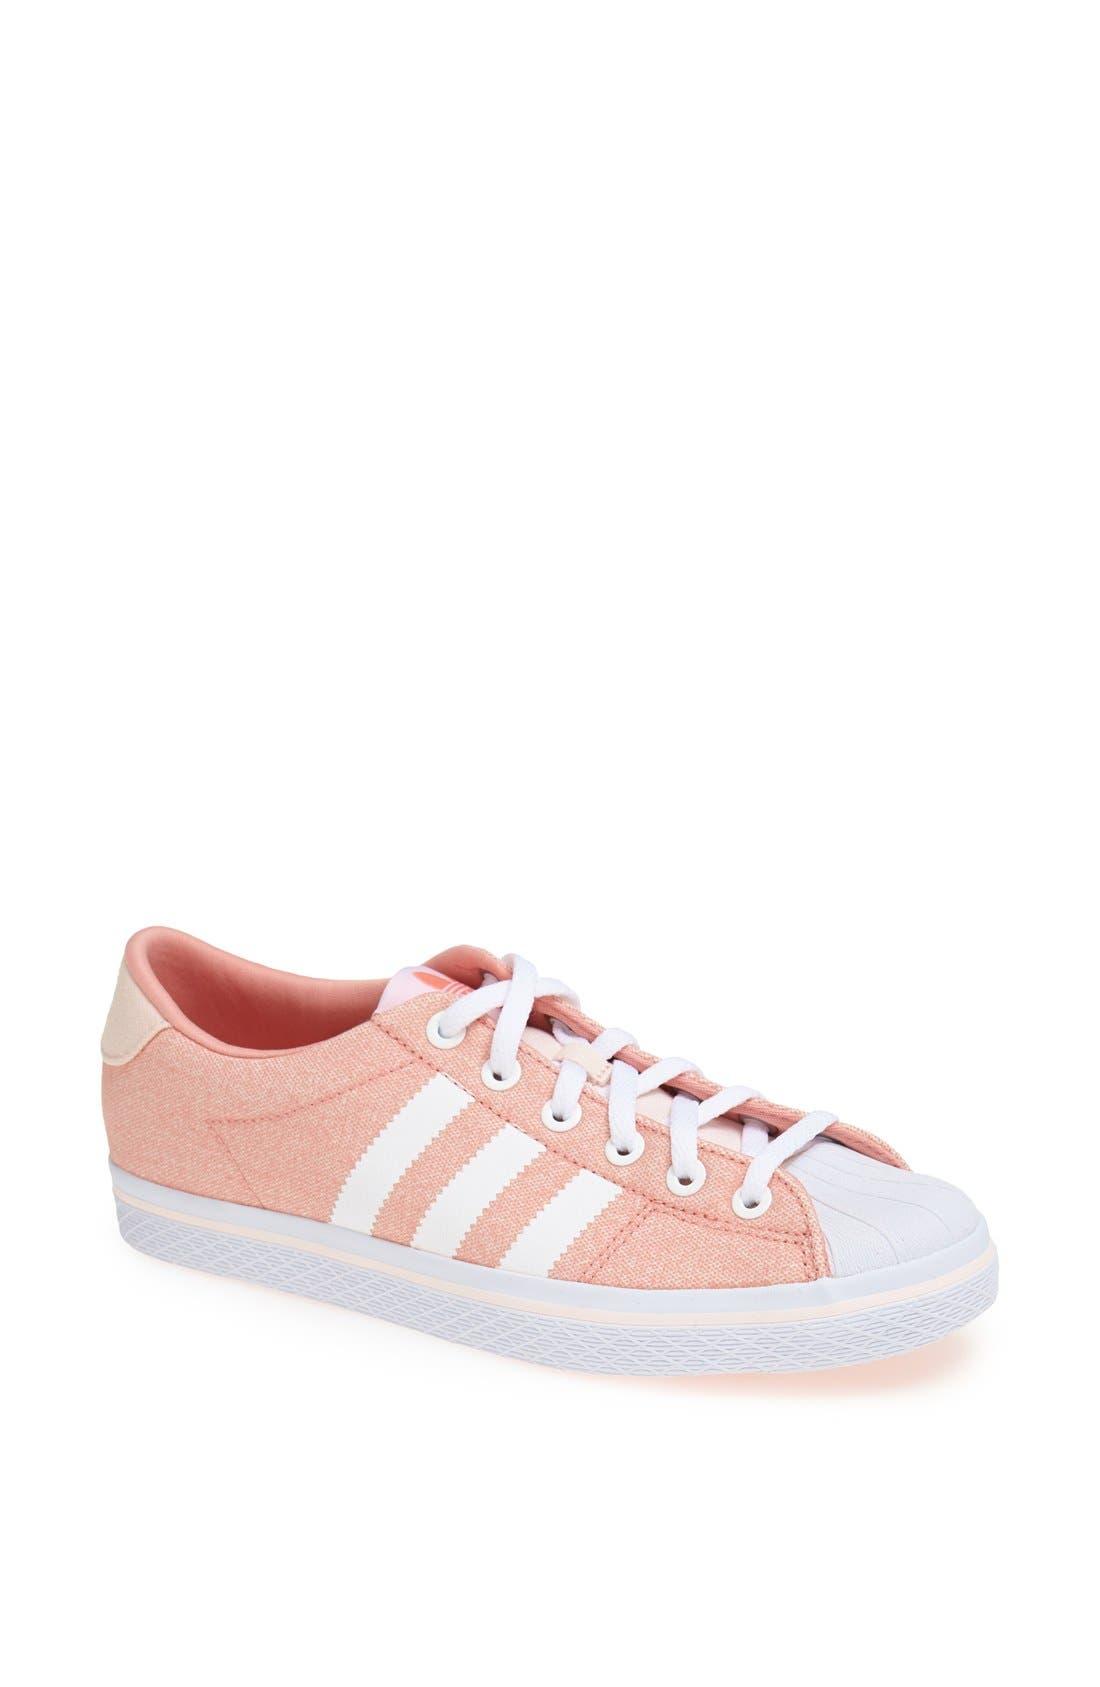 Alternate Image 1 Selected - adidas 'Vulc Star Lo' Sneaker (Women)